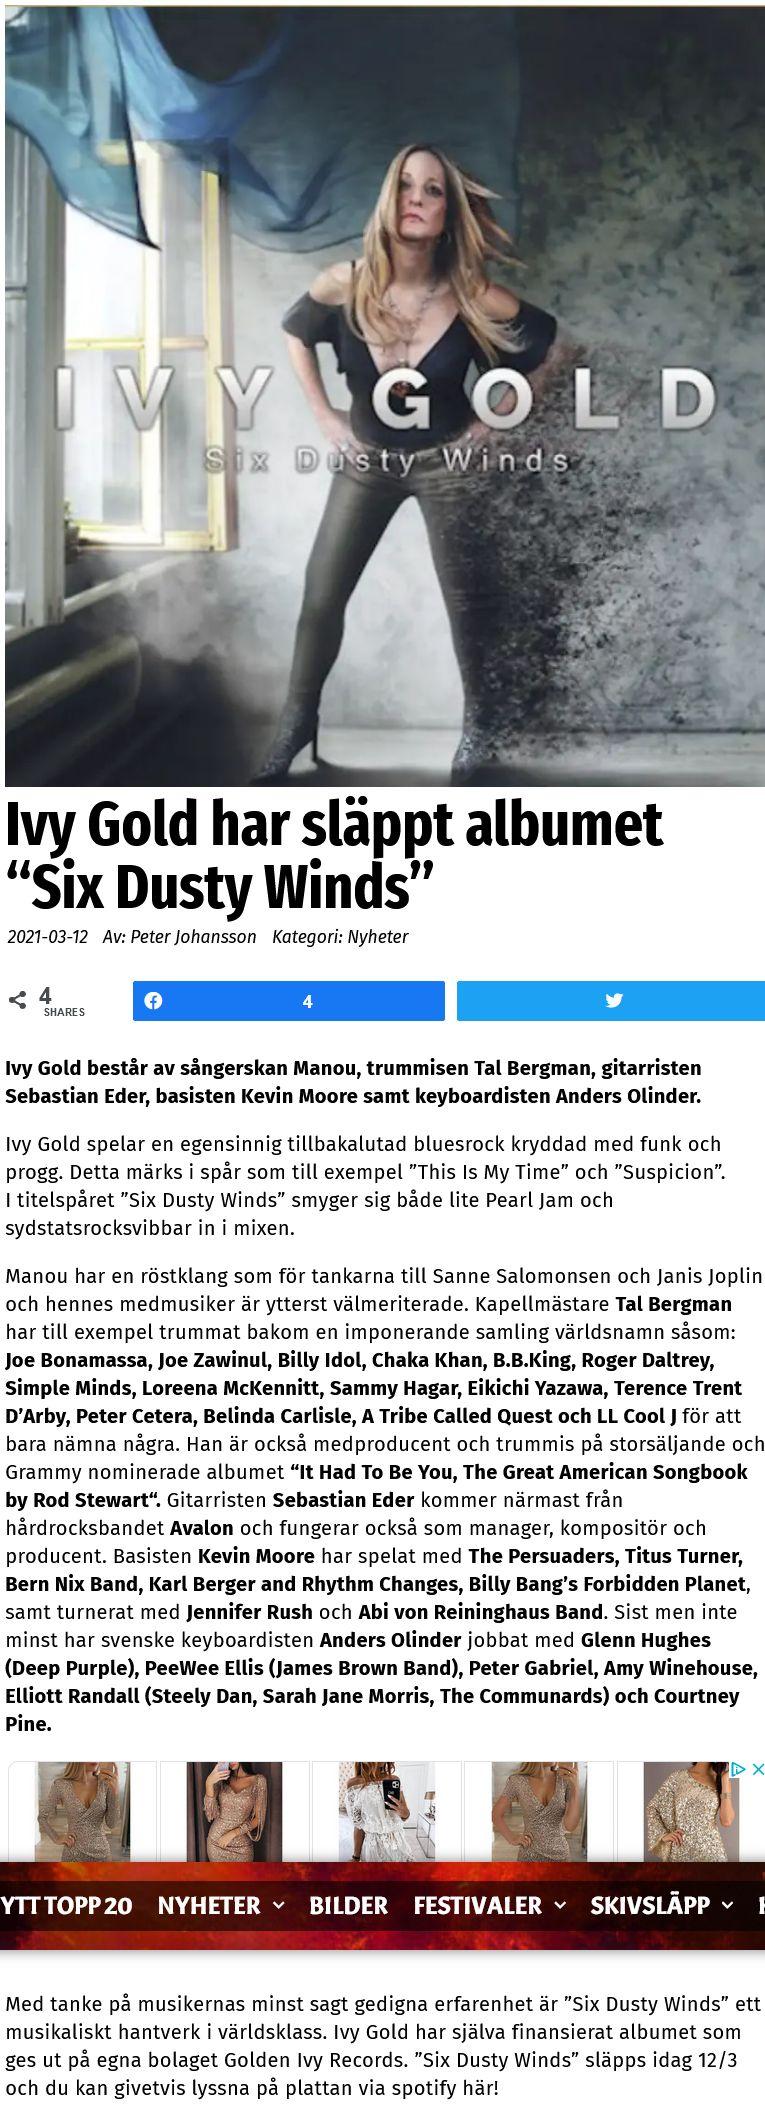 rocknytt.net (S): (click for review)